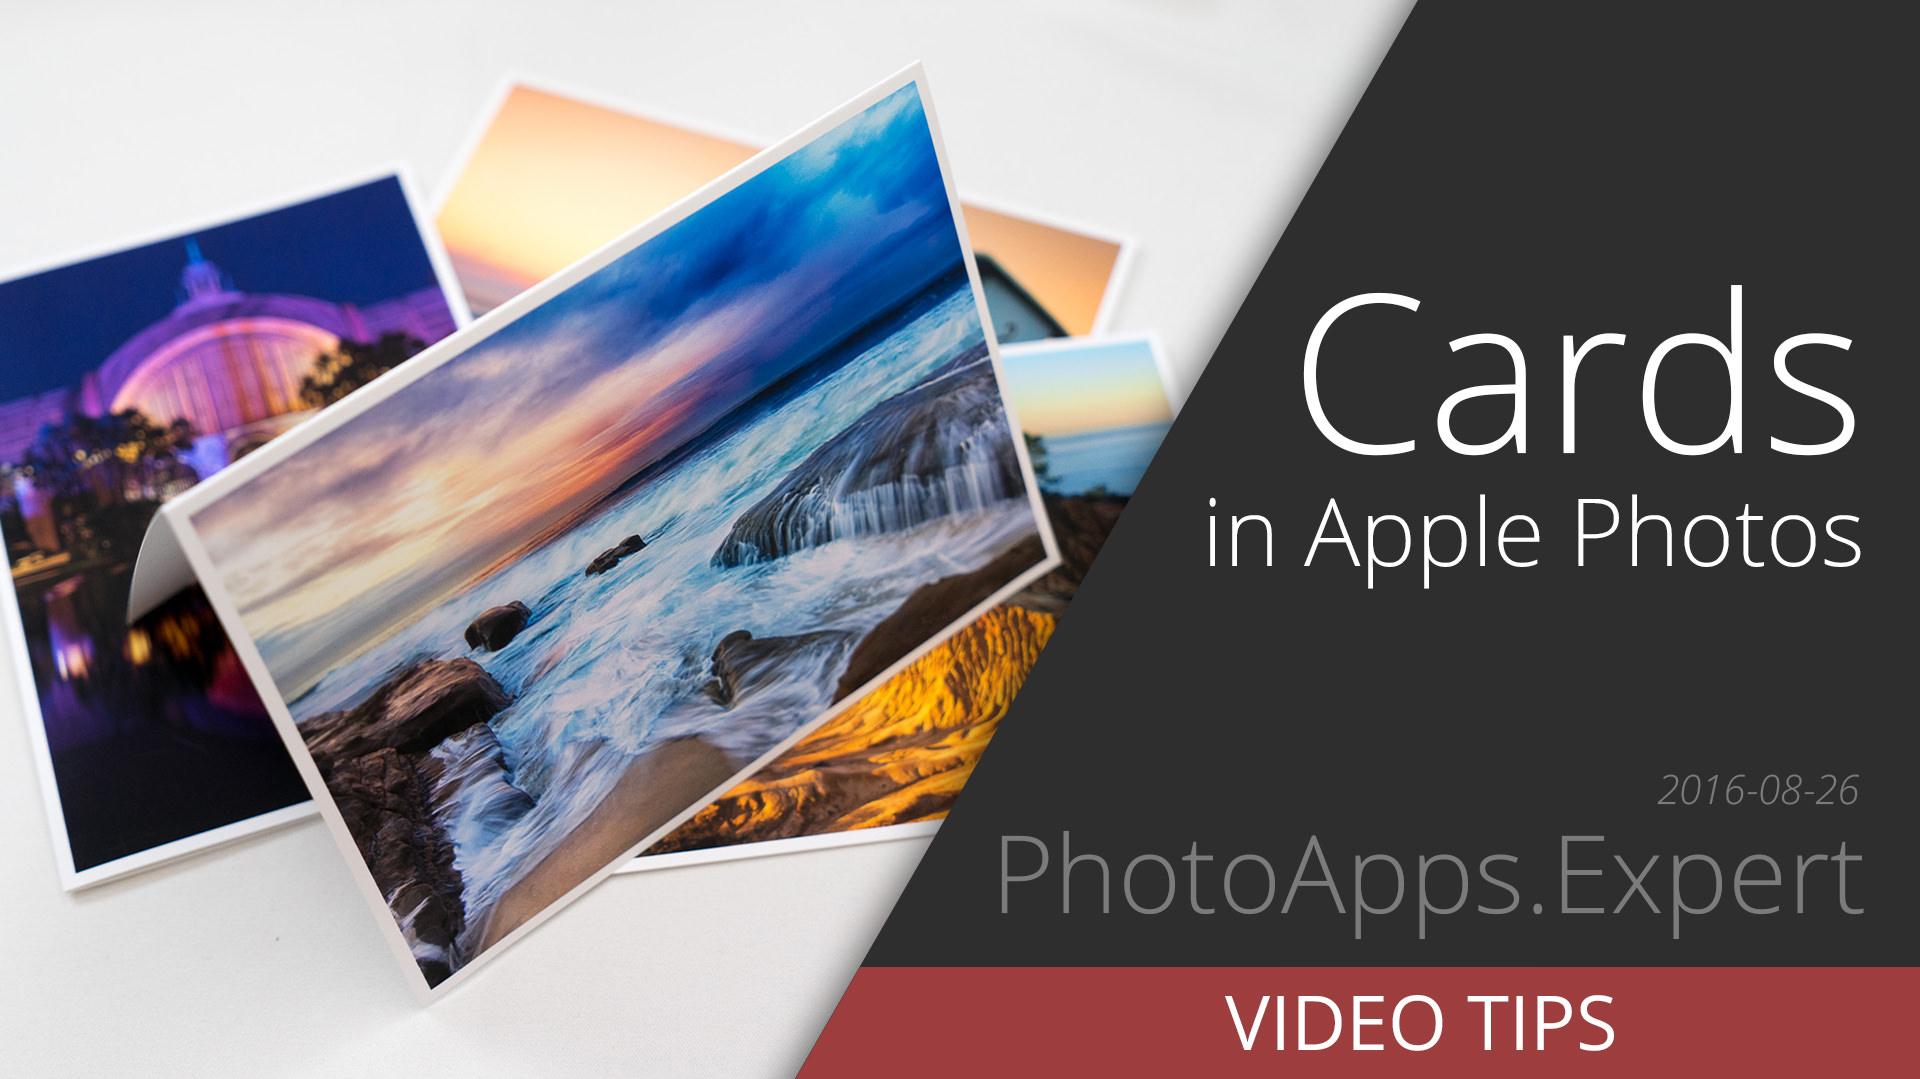 Printing Your Own Greetings Cards Using Apple Photos Photojoseph